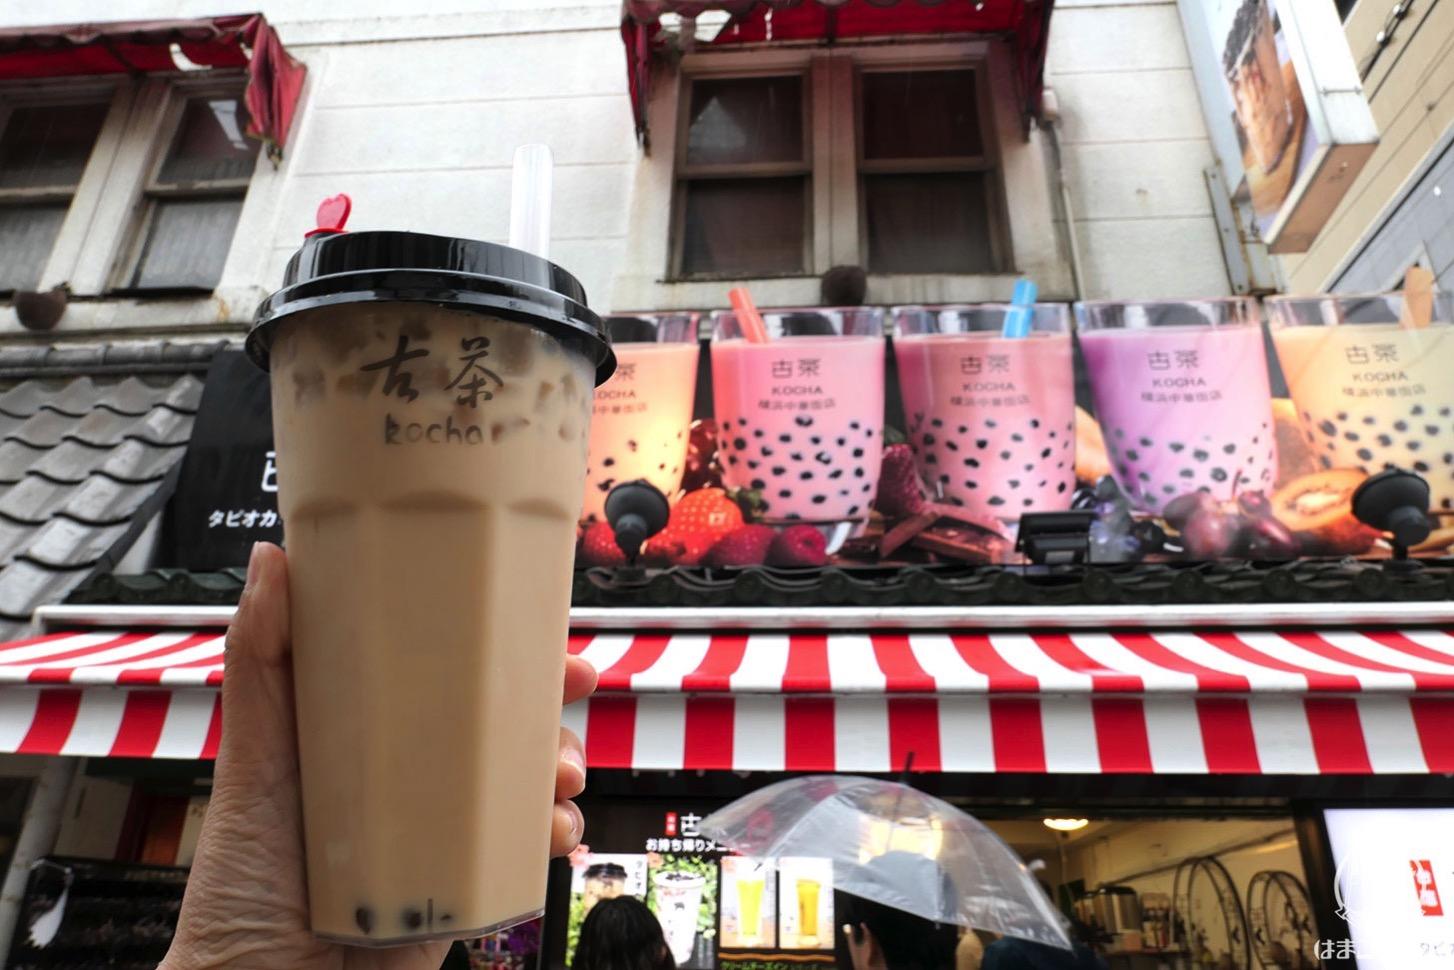 横浜中華街 タピオカミルクティー専門店「古茶」は横浜関帝廟そば、ミルクティーは甘系